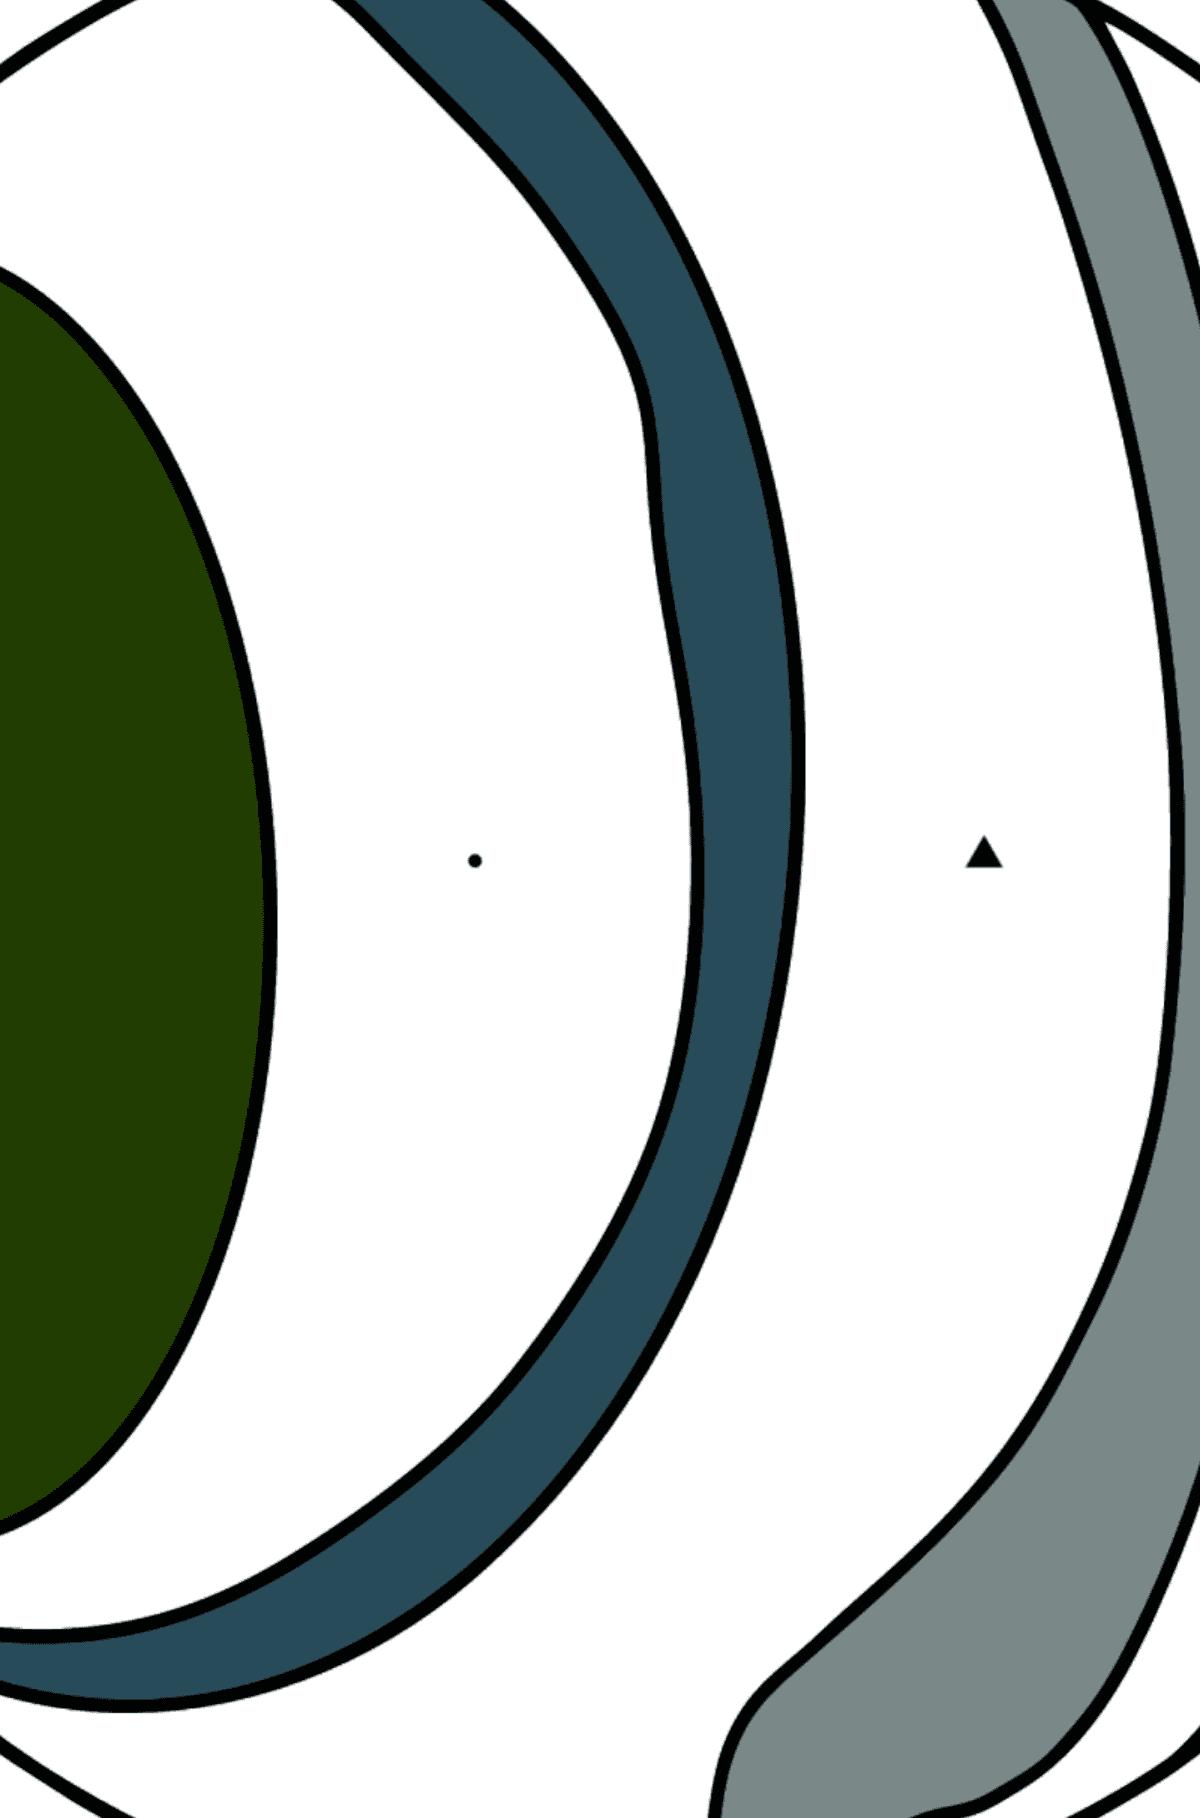 Раскраска Уран - Раскраска по Символам для Детей